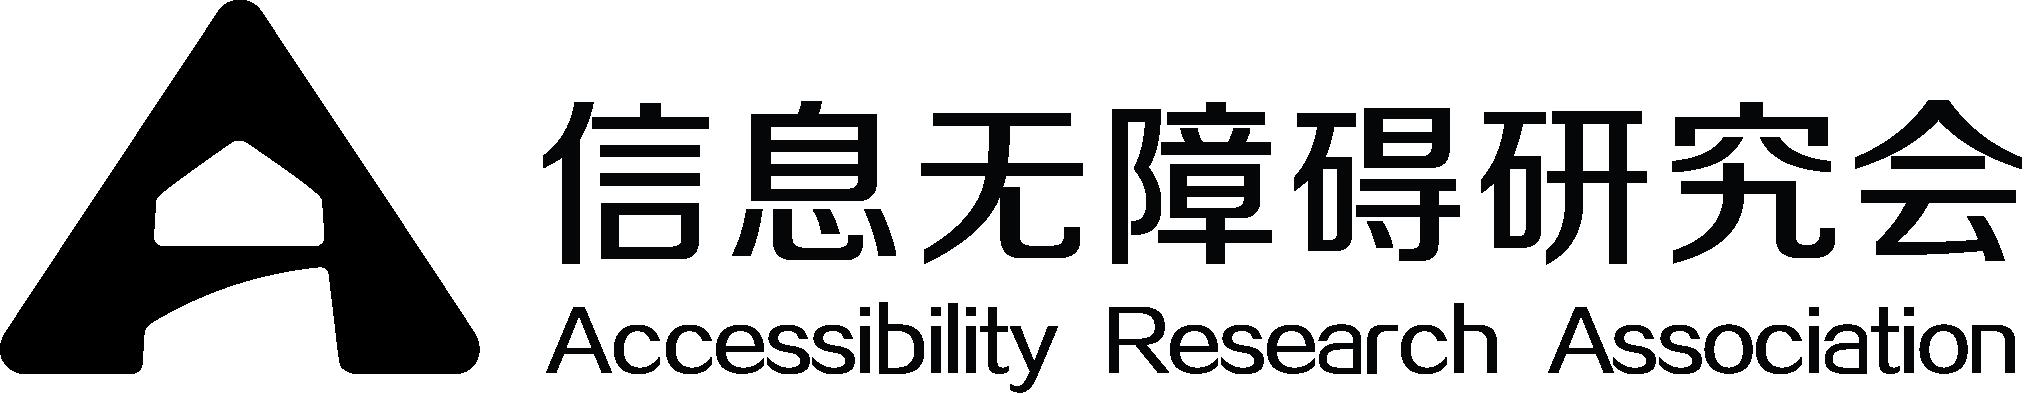 信息無障研究會 Logo